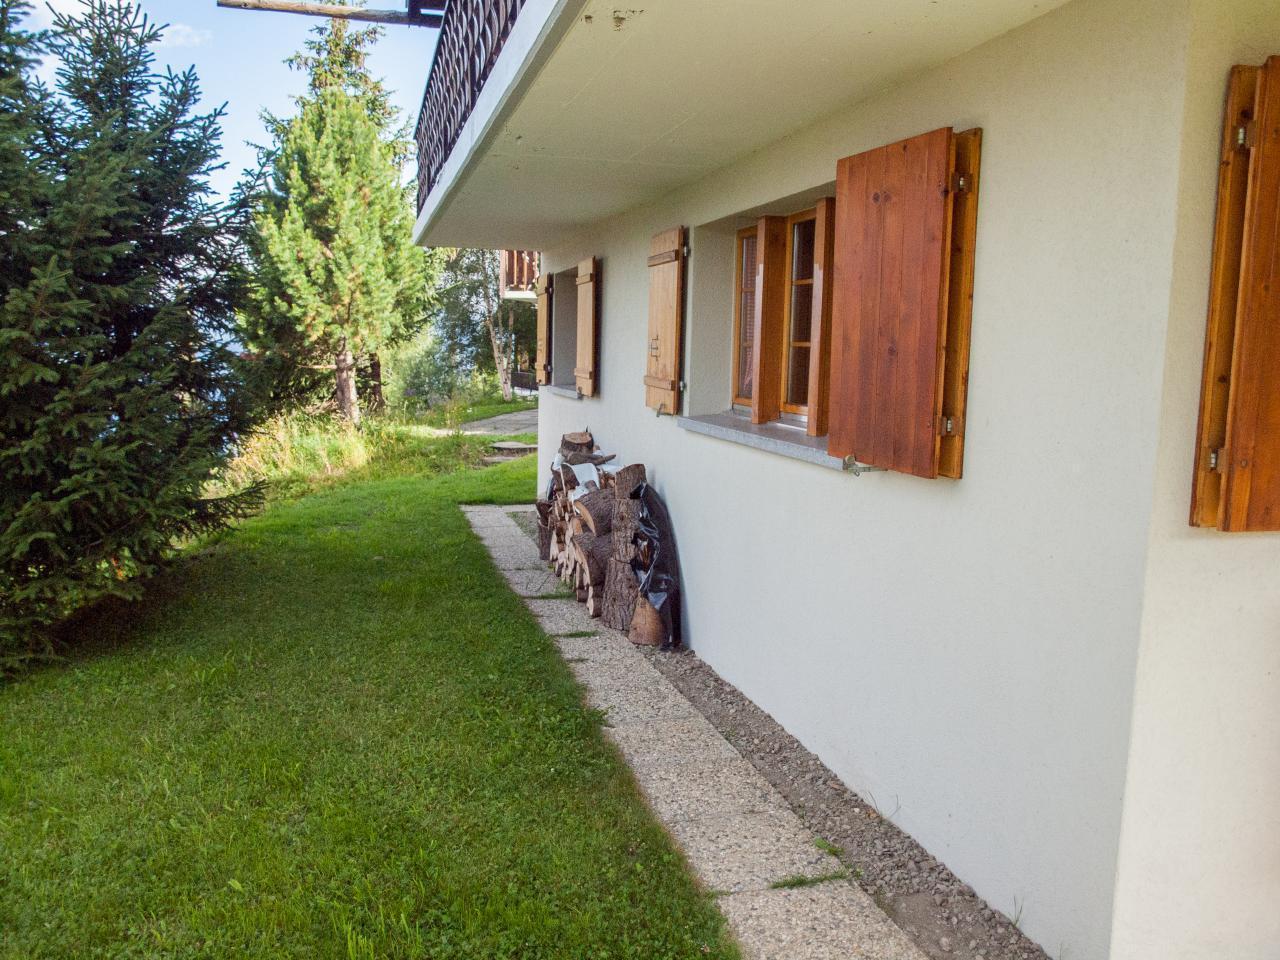 Ferienwohnung Chalet Allegra | Ferienwohnung in den Alpen (2245630), Rosswald, Brig - Simplon, Wallis, Schweiz, Bild 19